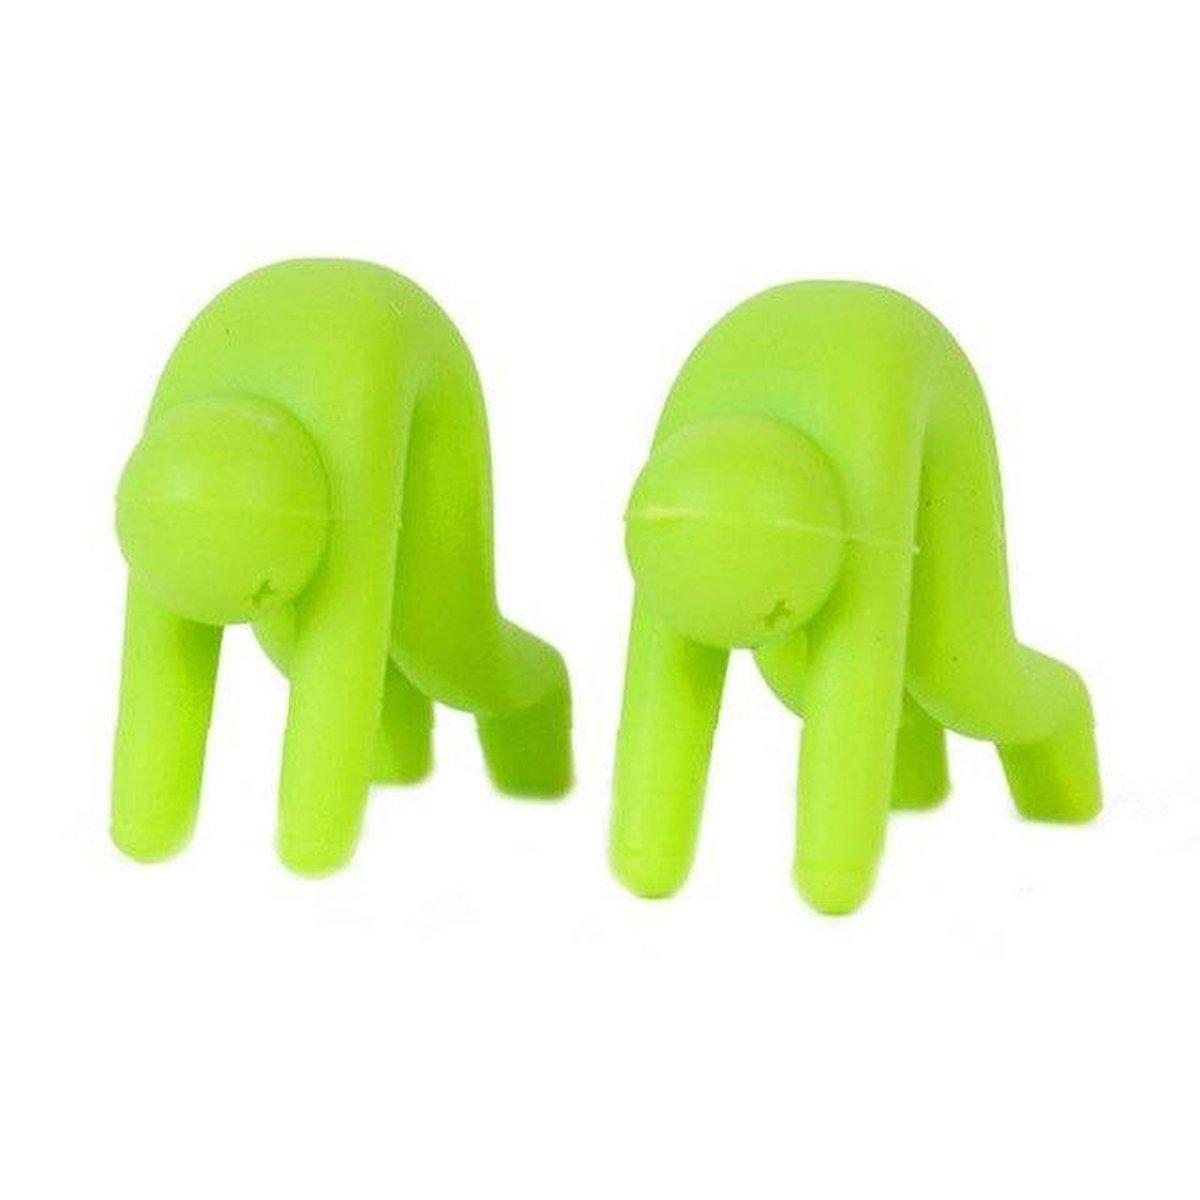 Dimm 2 x Dekselhouder Poppetje - Anti Overkoken - 2 Stuks - Groen